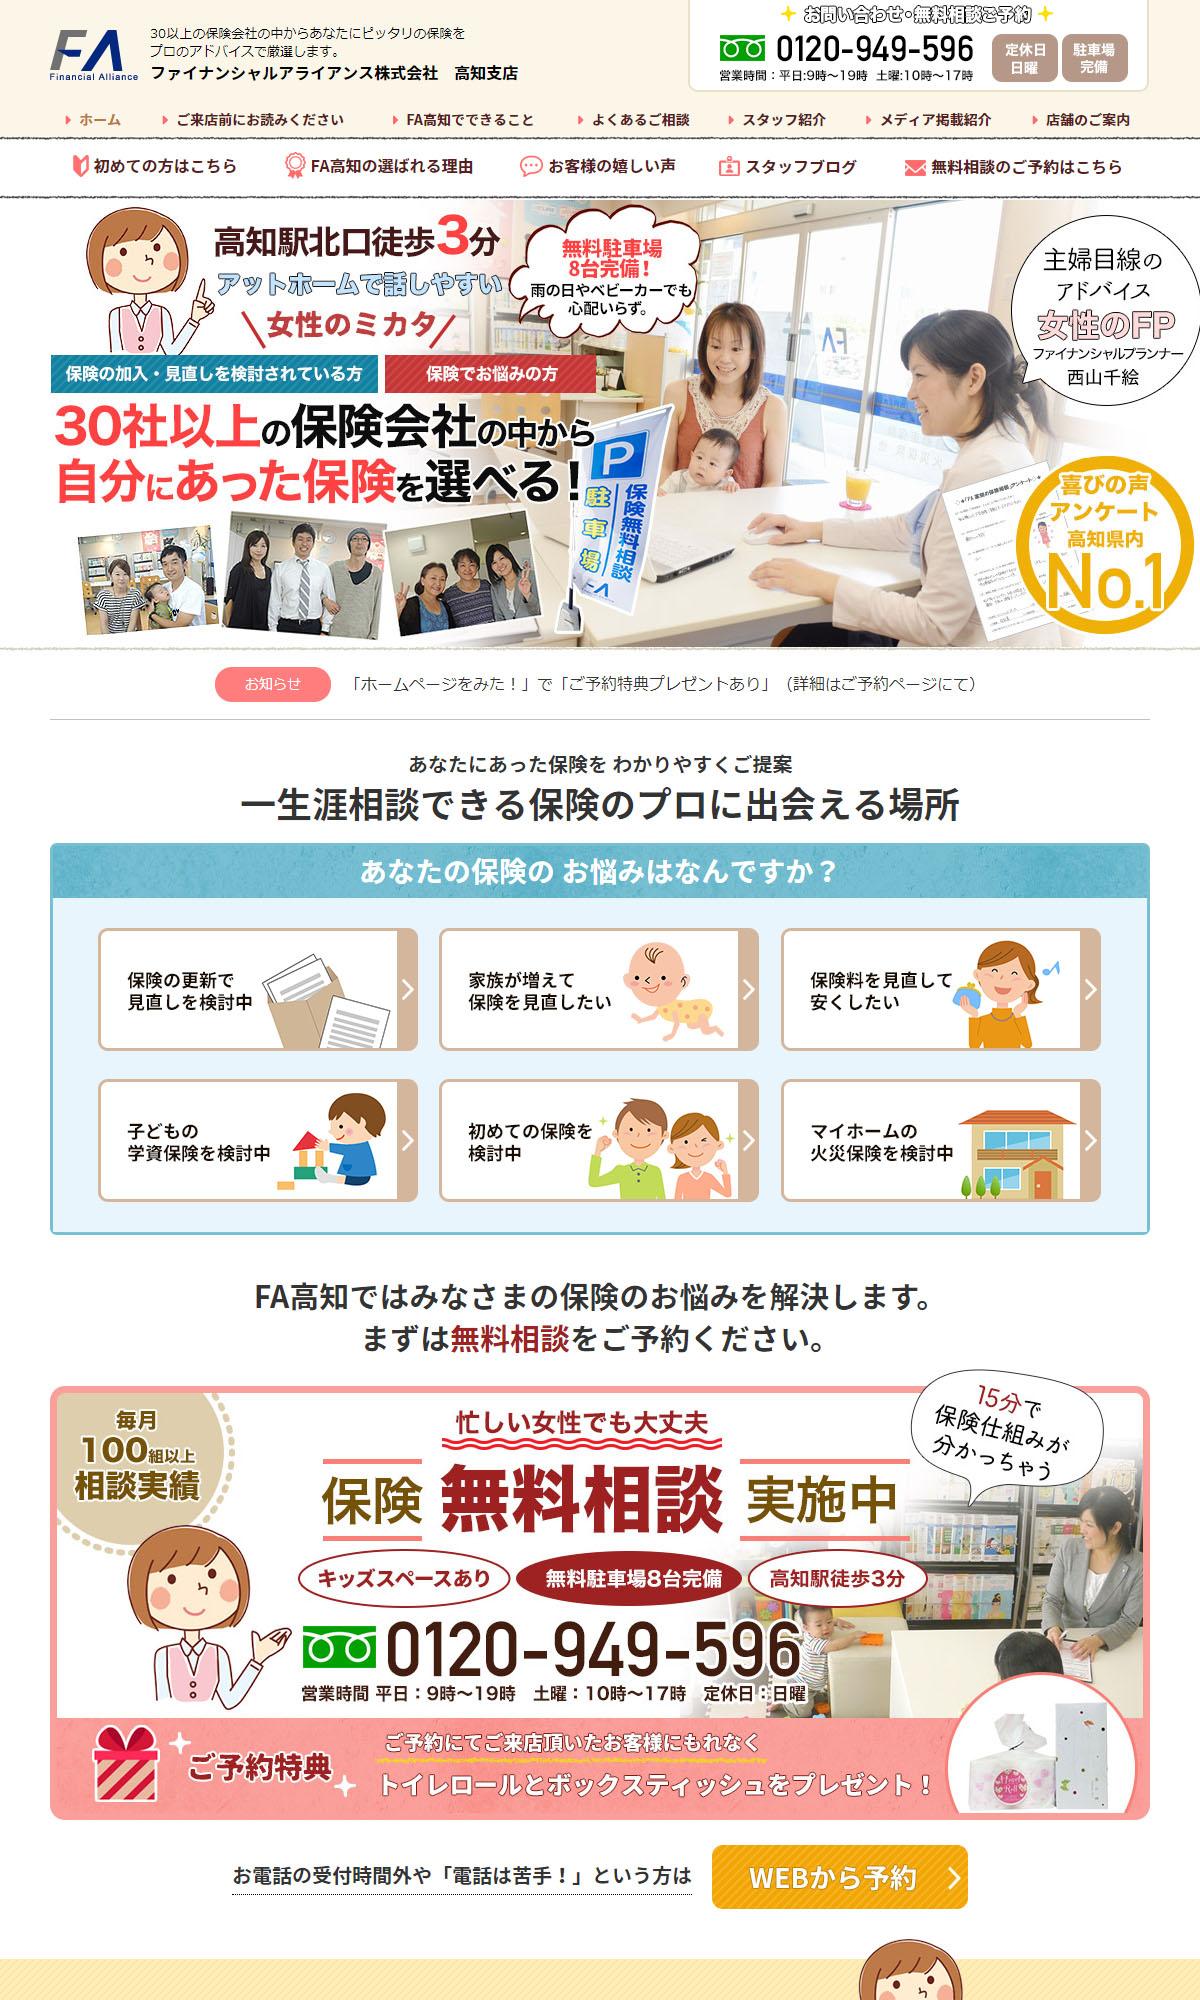 ファイナンシャルアライアンス株式会社 高知支店